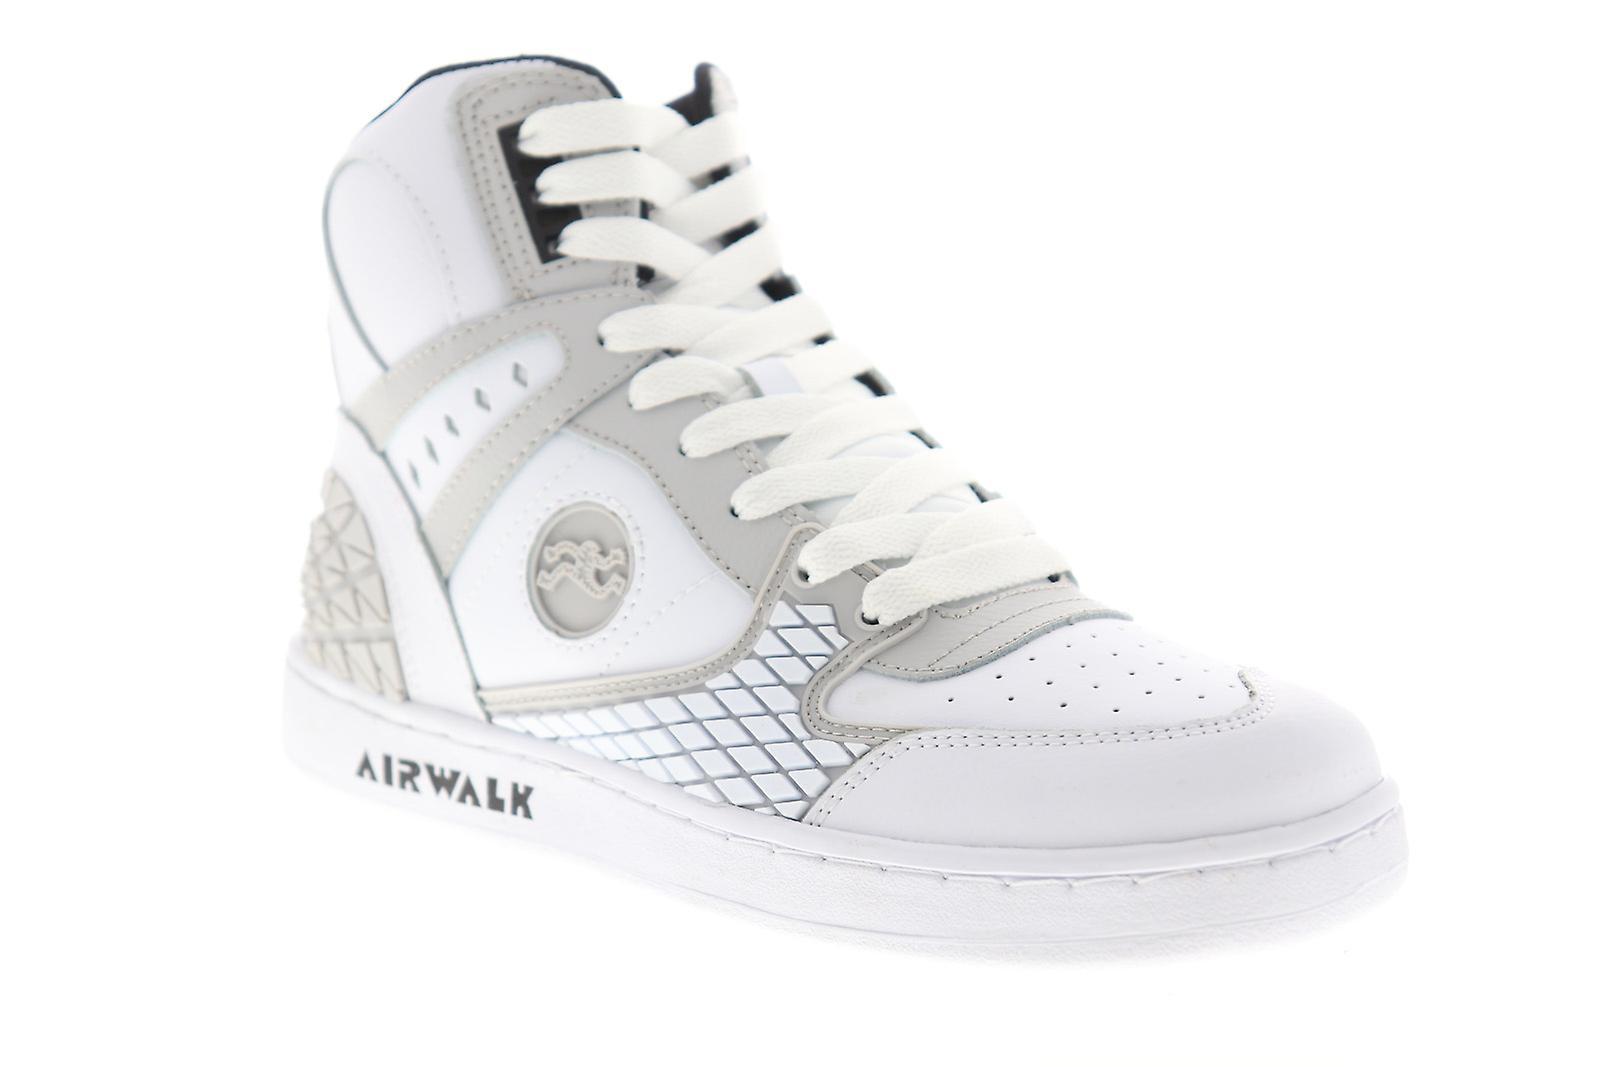 Airwalk Prototype 600 Mens White Skate